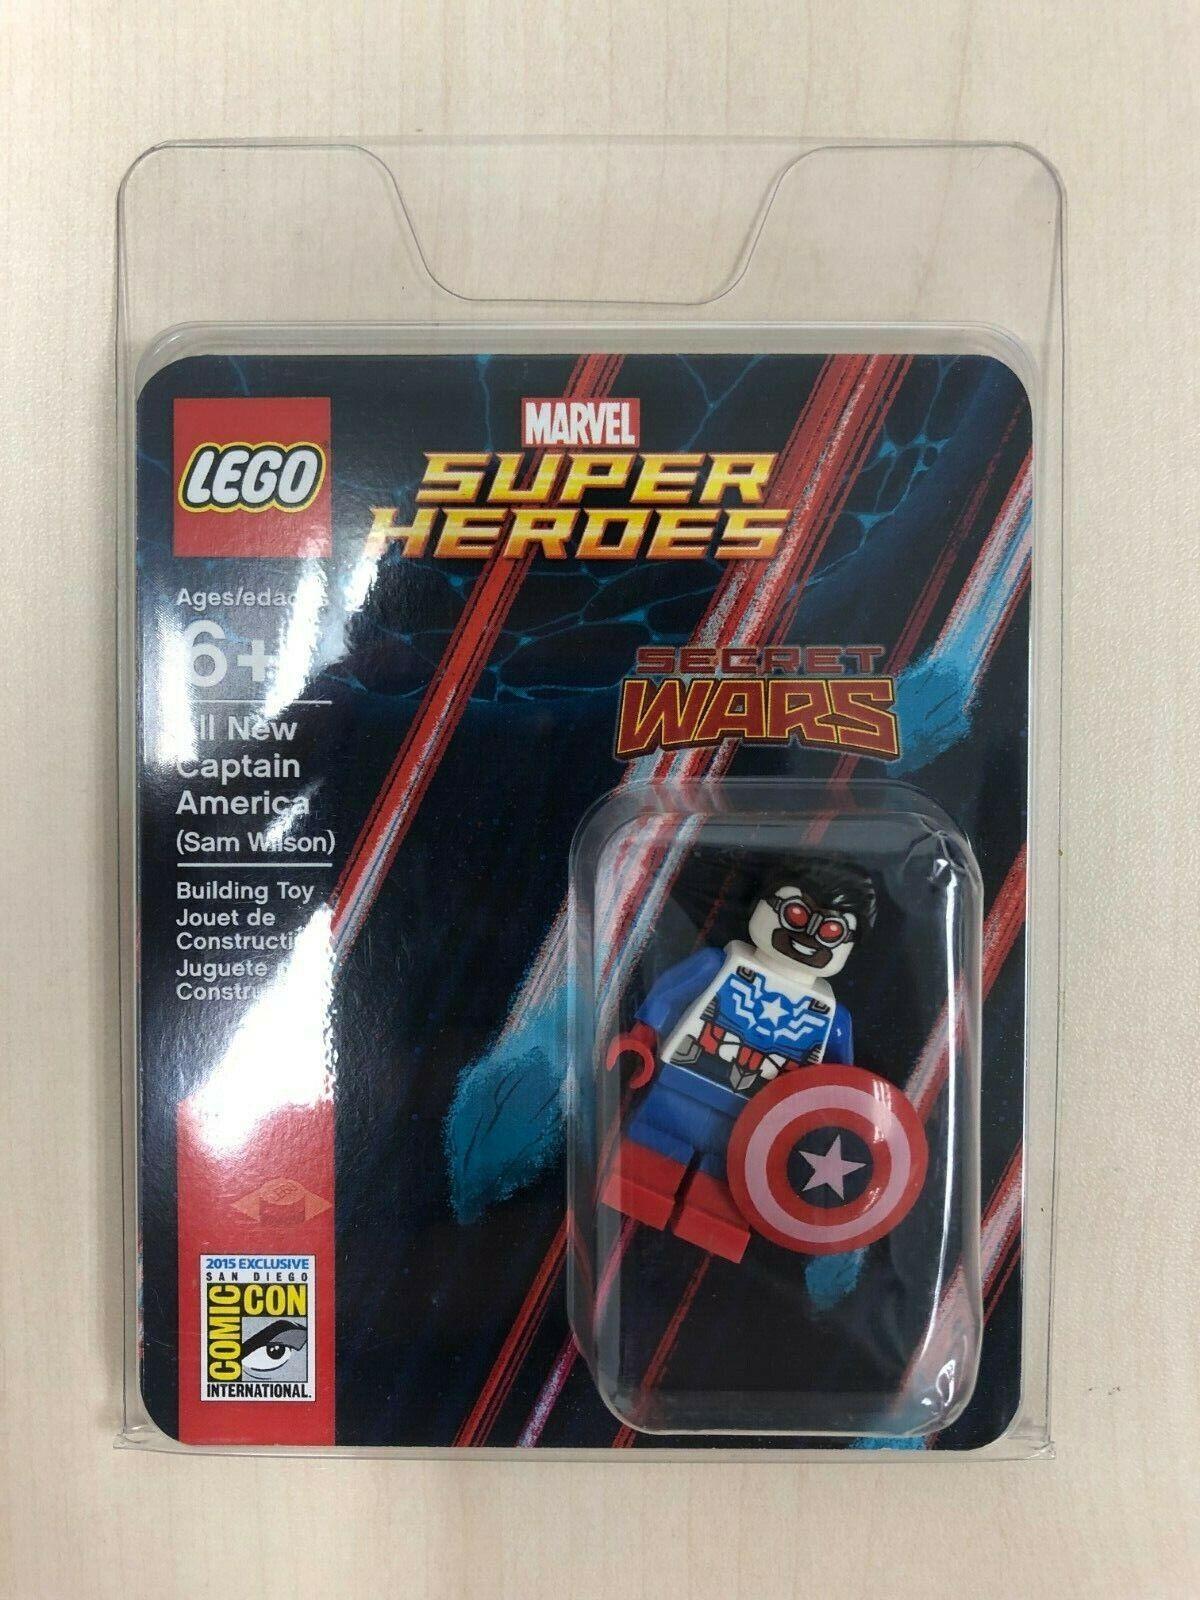 sconto prezzo basso LEGO SDCC 2015-4   tutti tutti tutti nuovo Captain America (Sam Wilson) Mincifra nuovo  ci sono più marche di prodotti di alta qualità